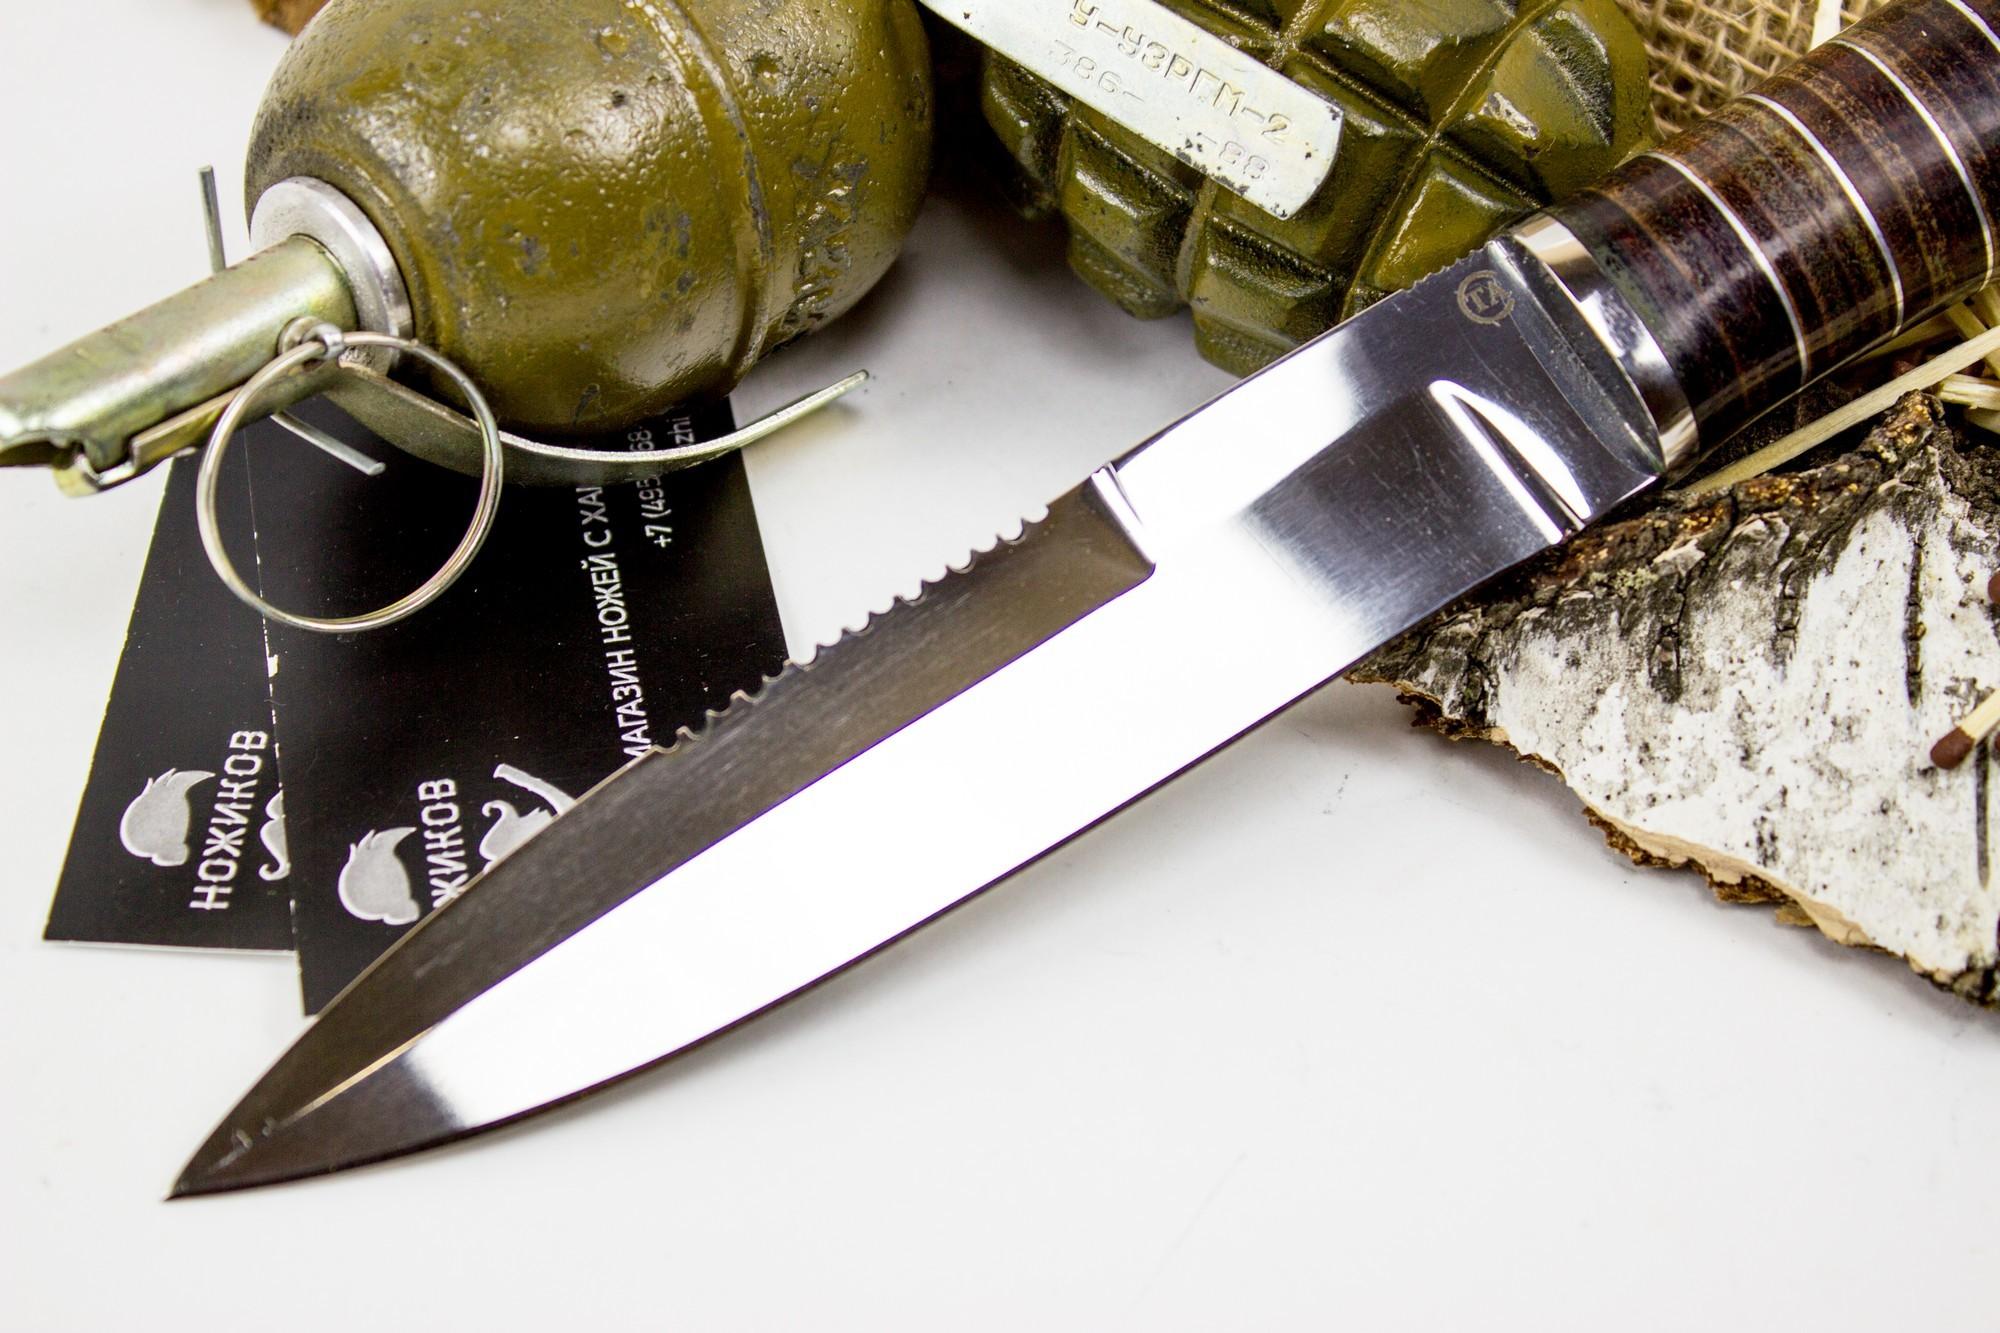 Фото 3 - Нож Пограничник, сталь 95х18, кожа от Титов и Солдатова